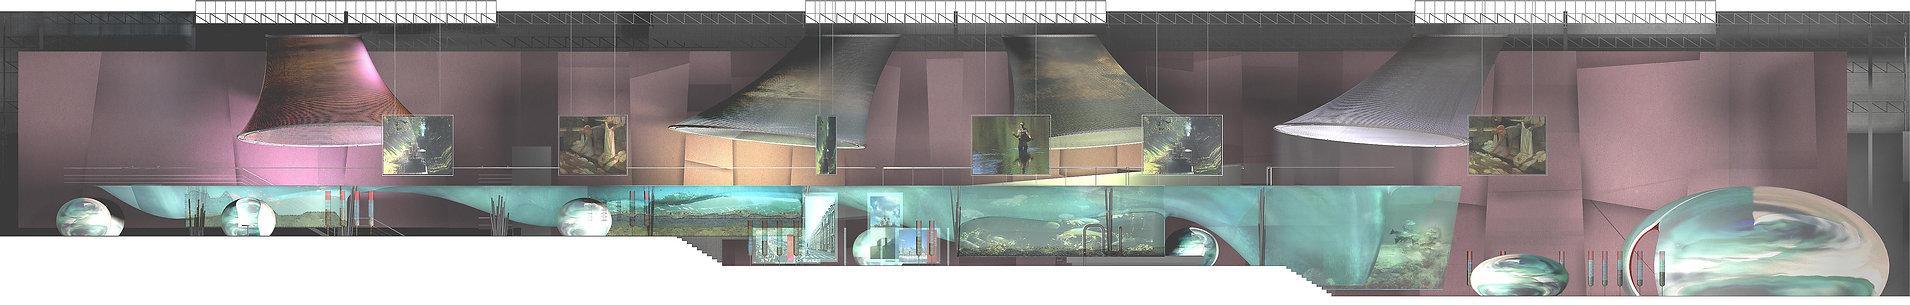 arteo architectures , coupe , pojet de la cité de l'eau , colombes , la seine , musée , muséographie , scénographie